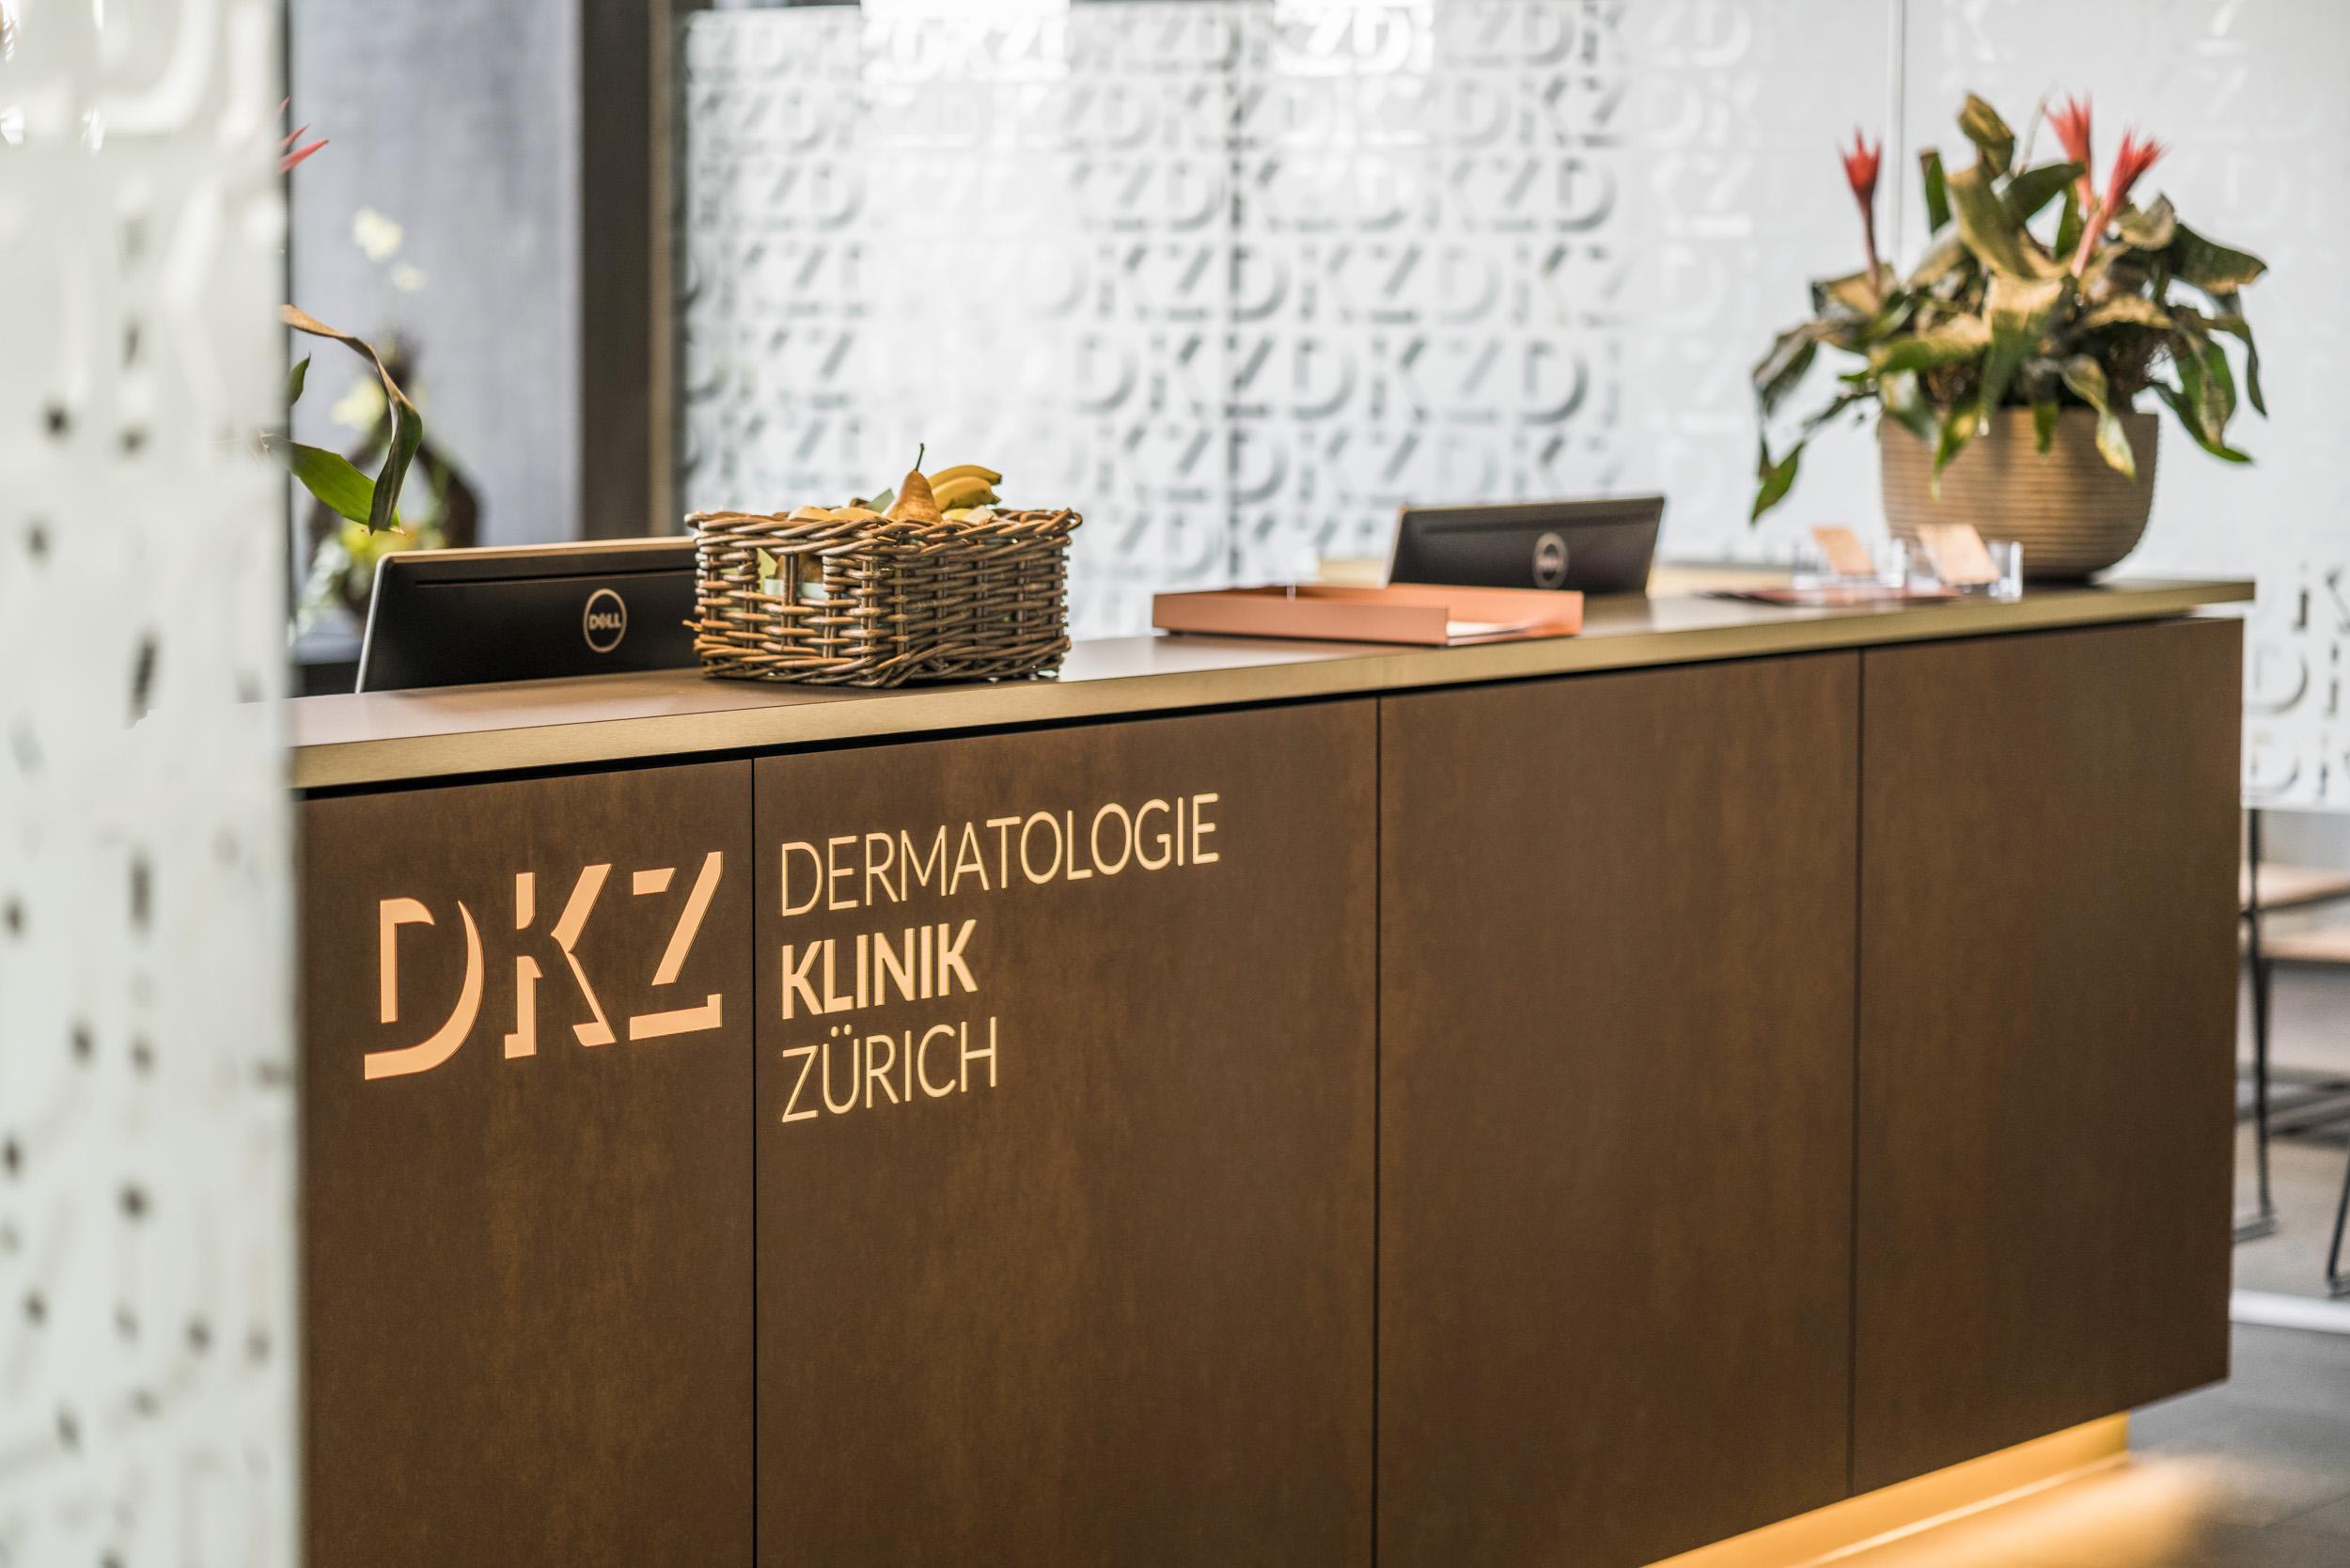 180327_Dermatologie-Klinik-Zuerich_Raumaufnahmen-A7R2-0036.jpg